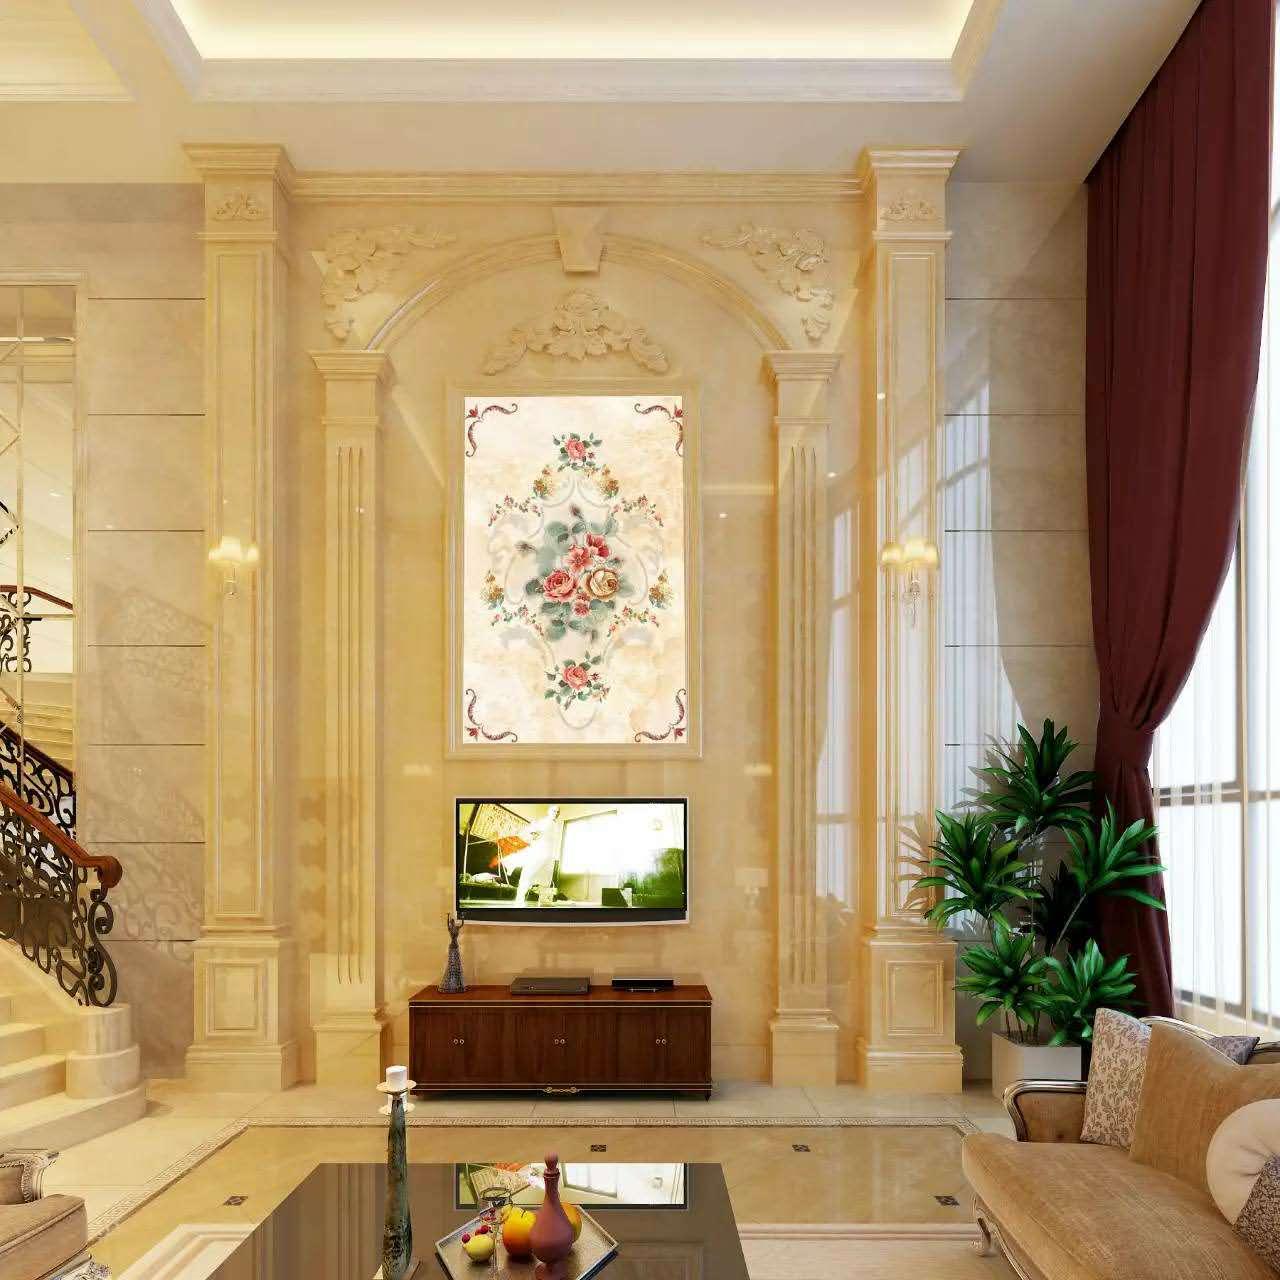 天然大理石背景墙欧式中式罗马柱电视墙沙发墙